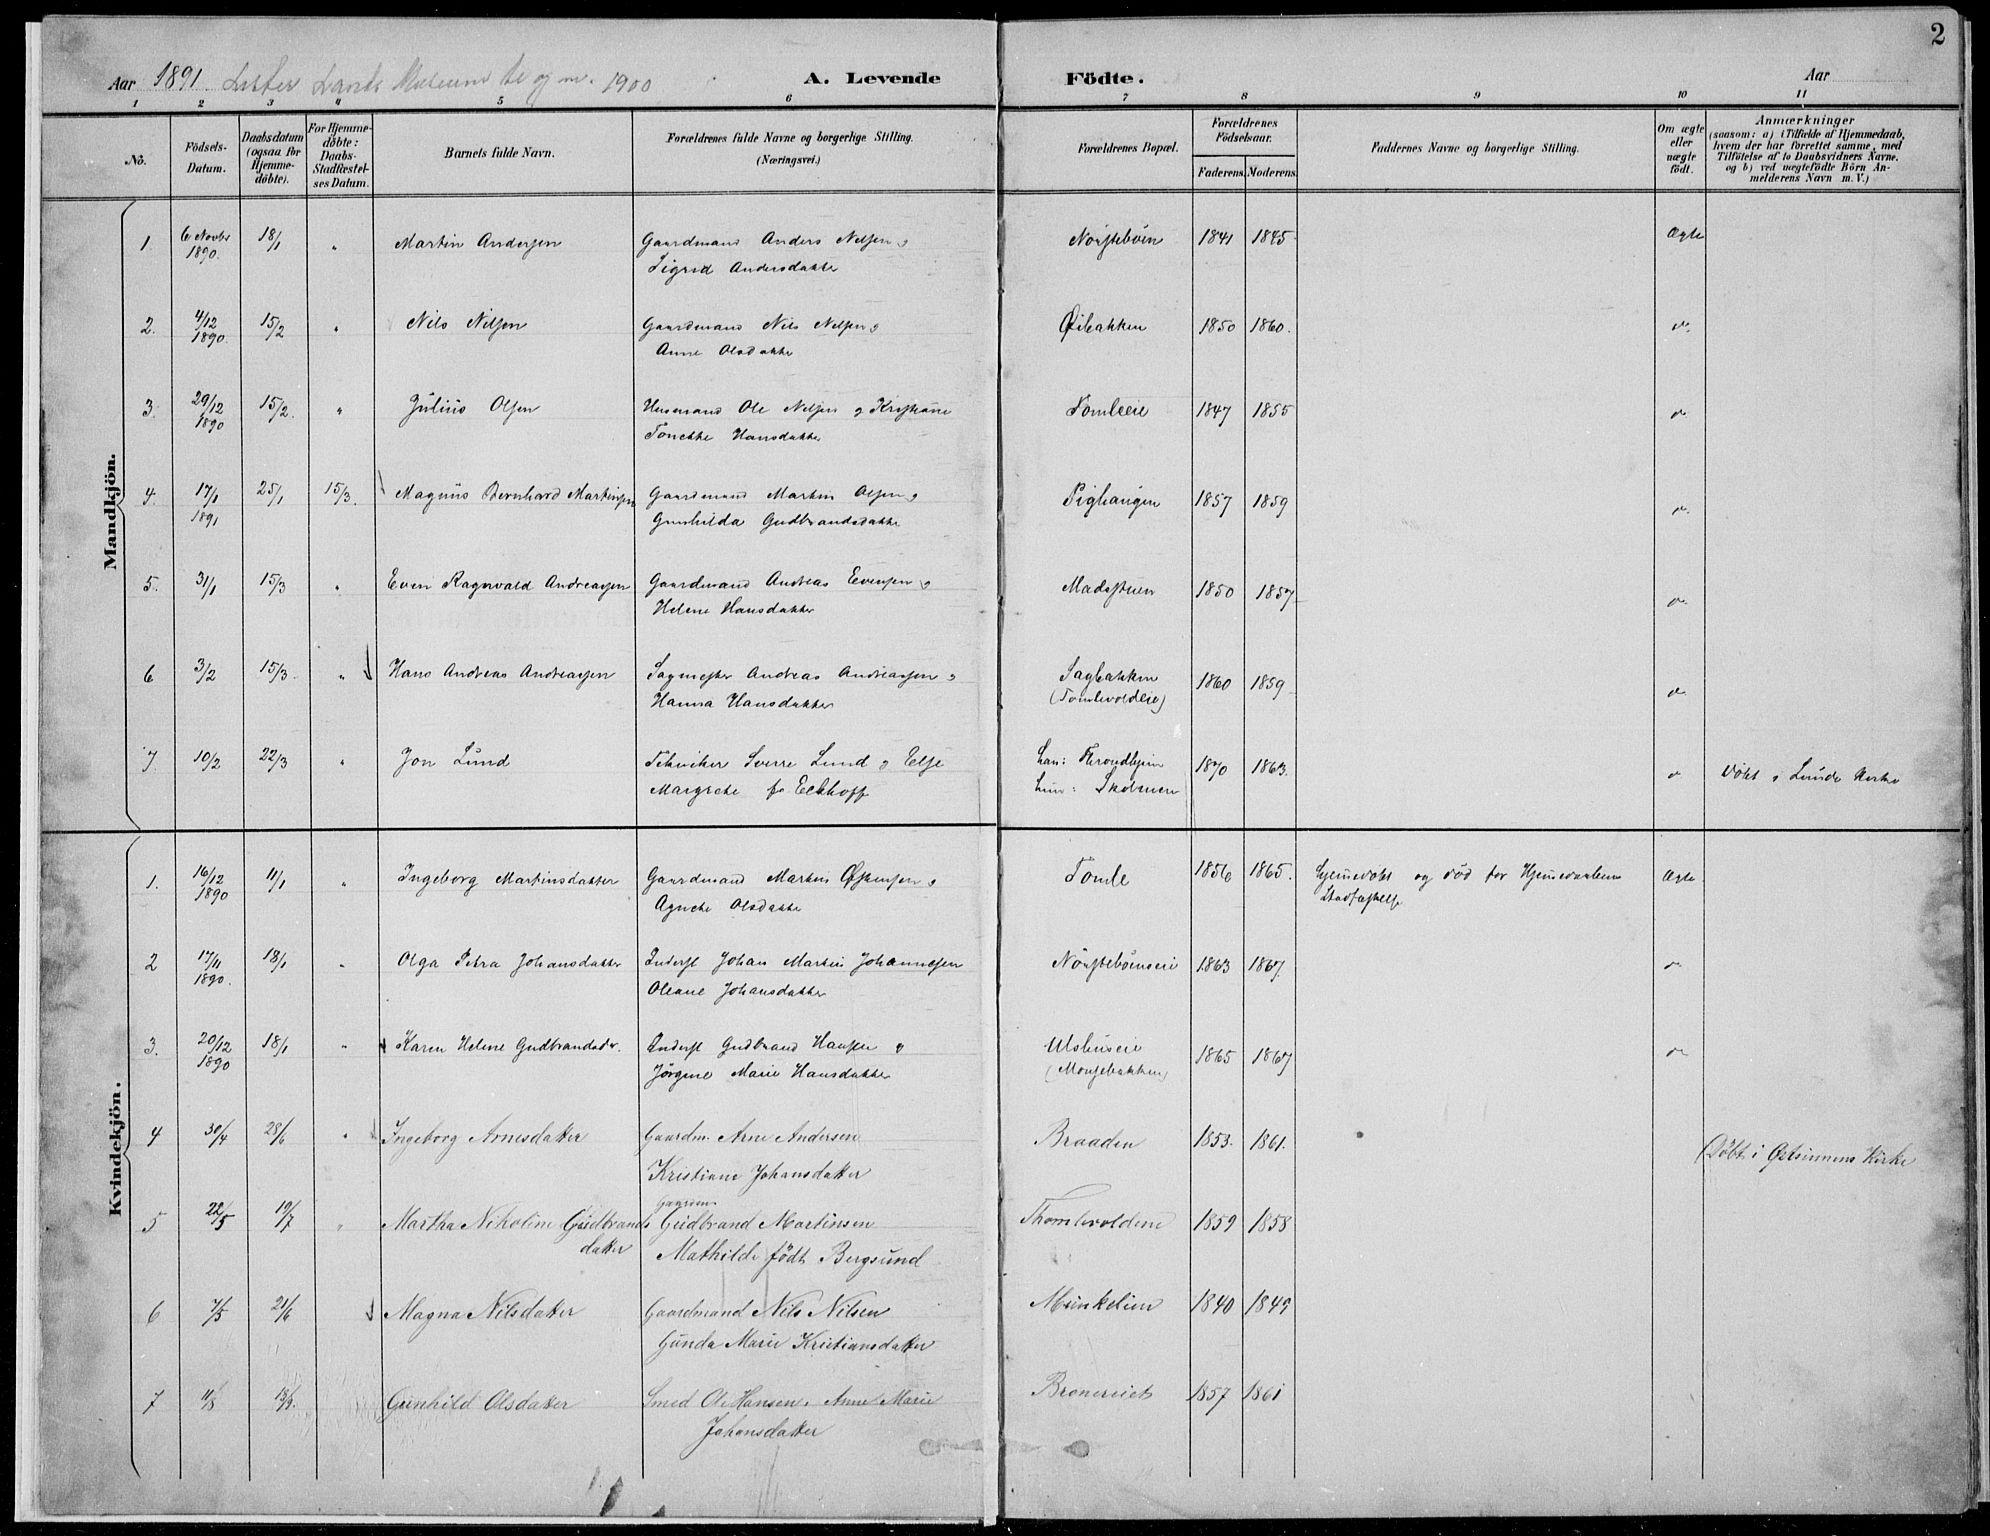 SAH, Nordre Land prestekontor, Klokkerbok nr. 13, 1891-1904, s. 2